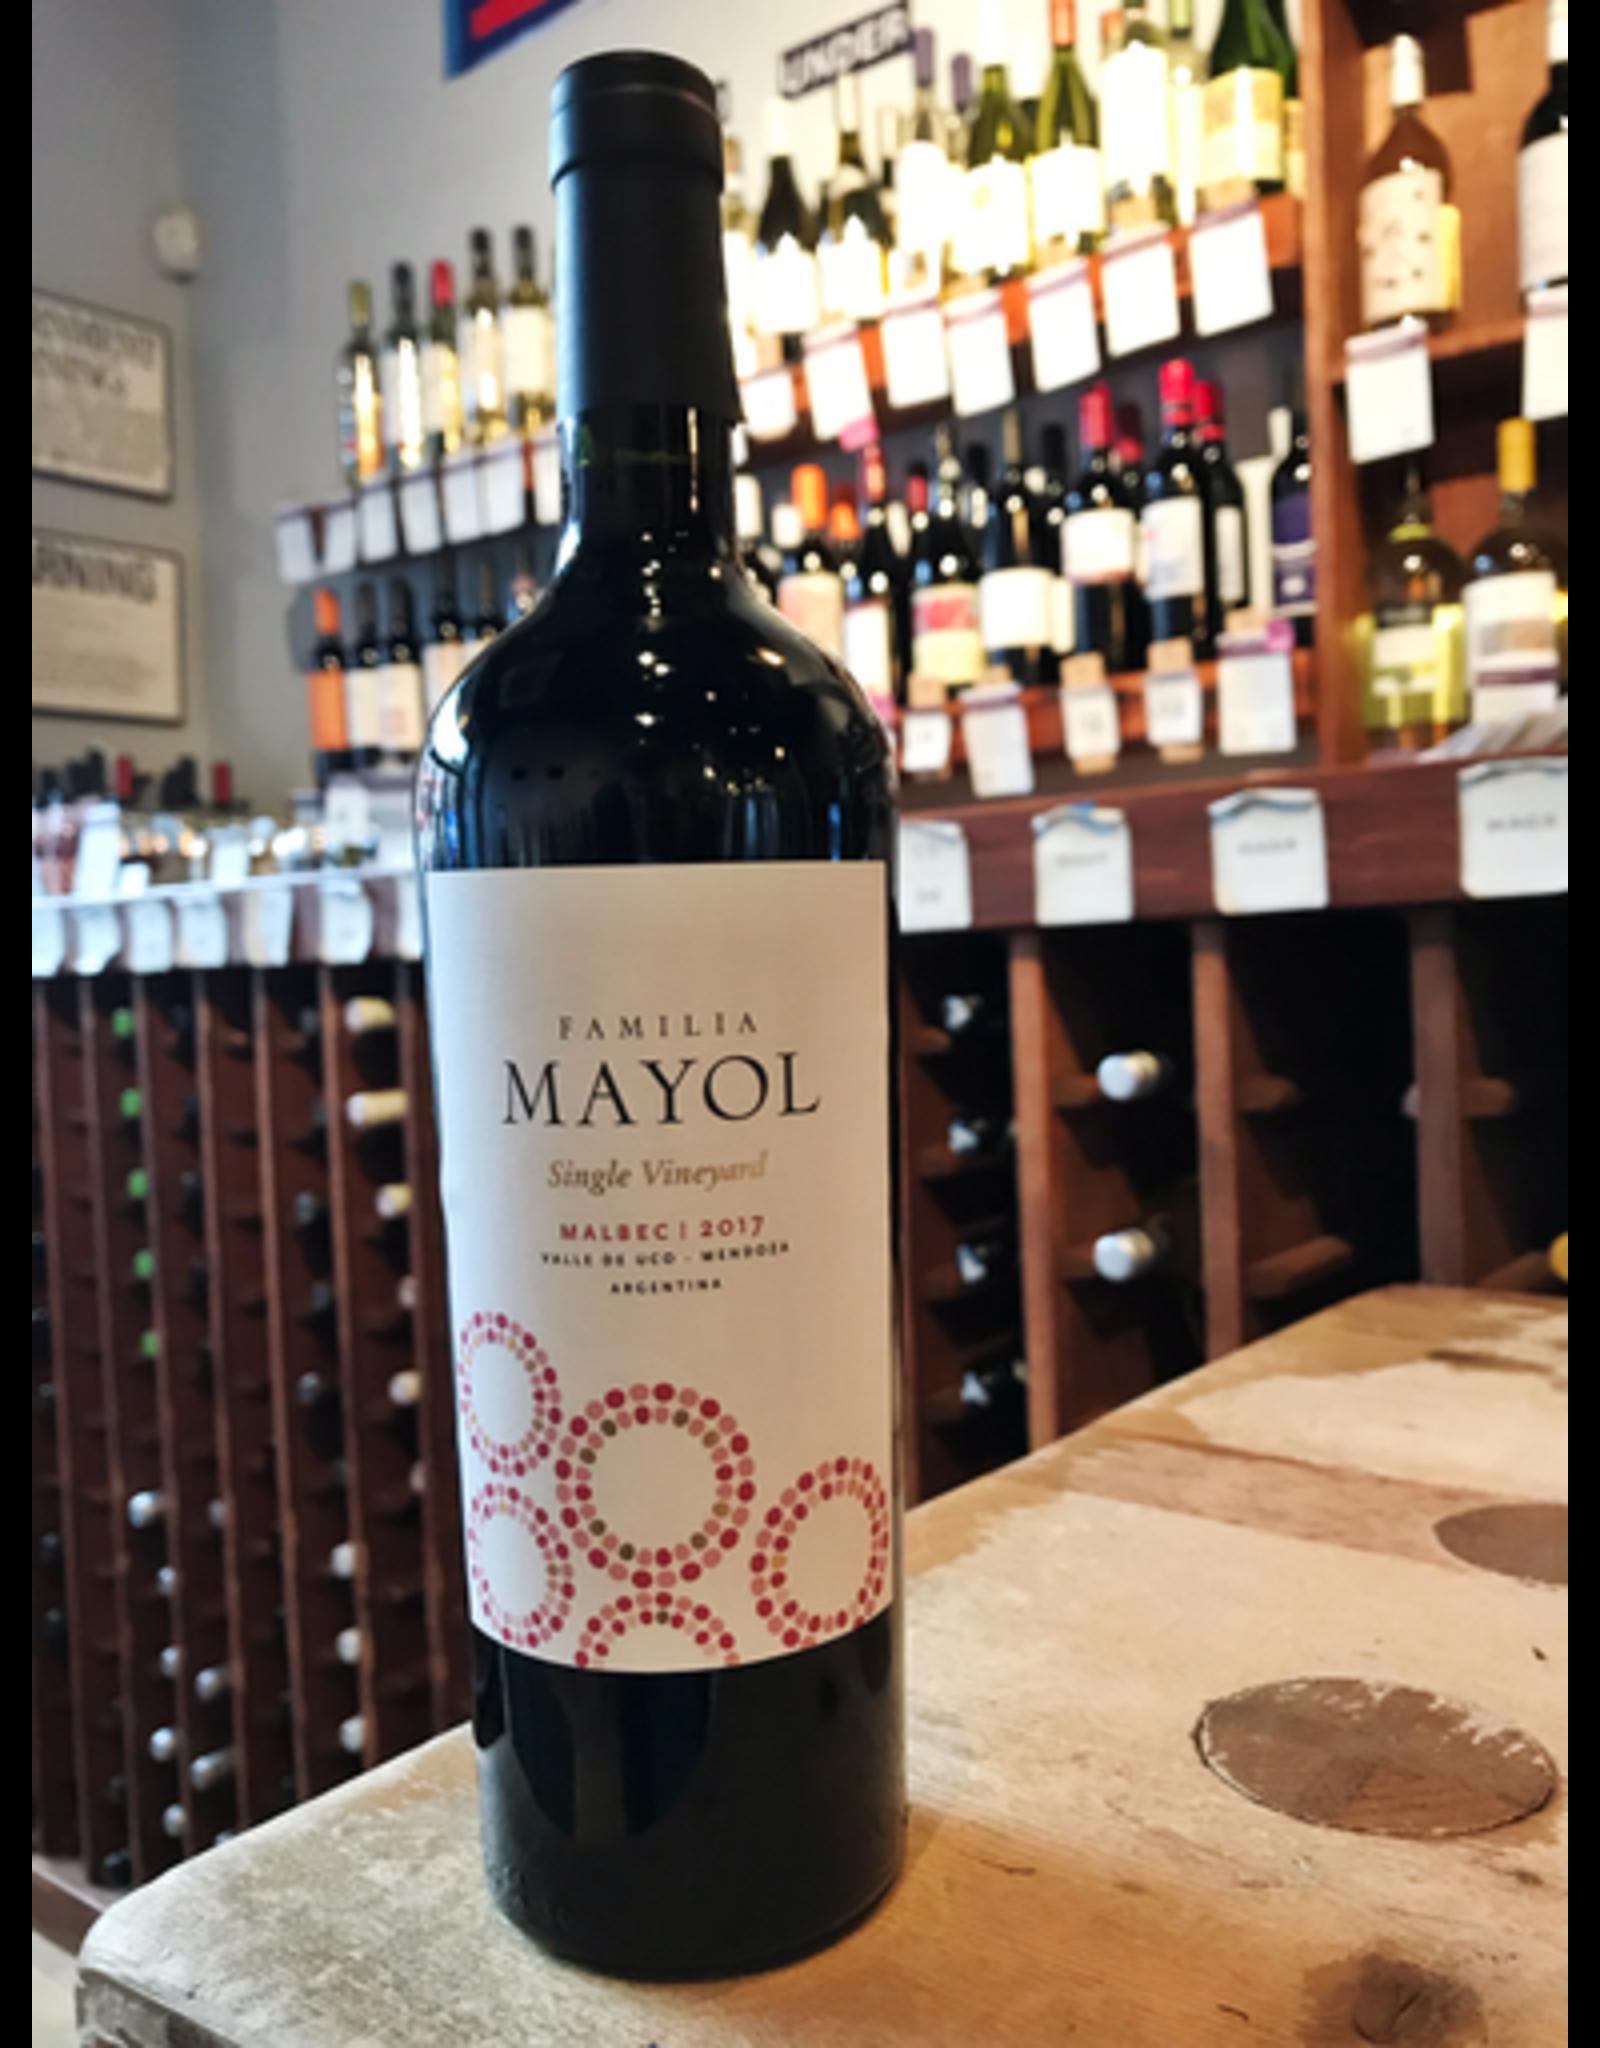 2017 Familia Mayol 'Valle de Uco' Malbec - Mendoza, Argentina